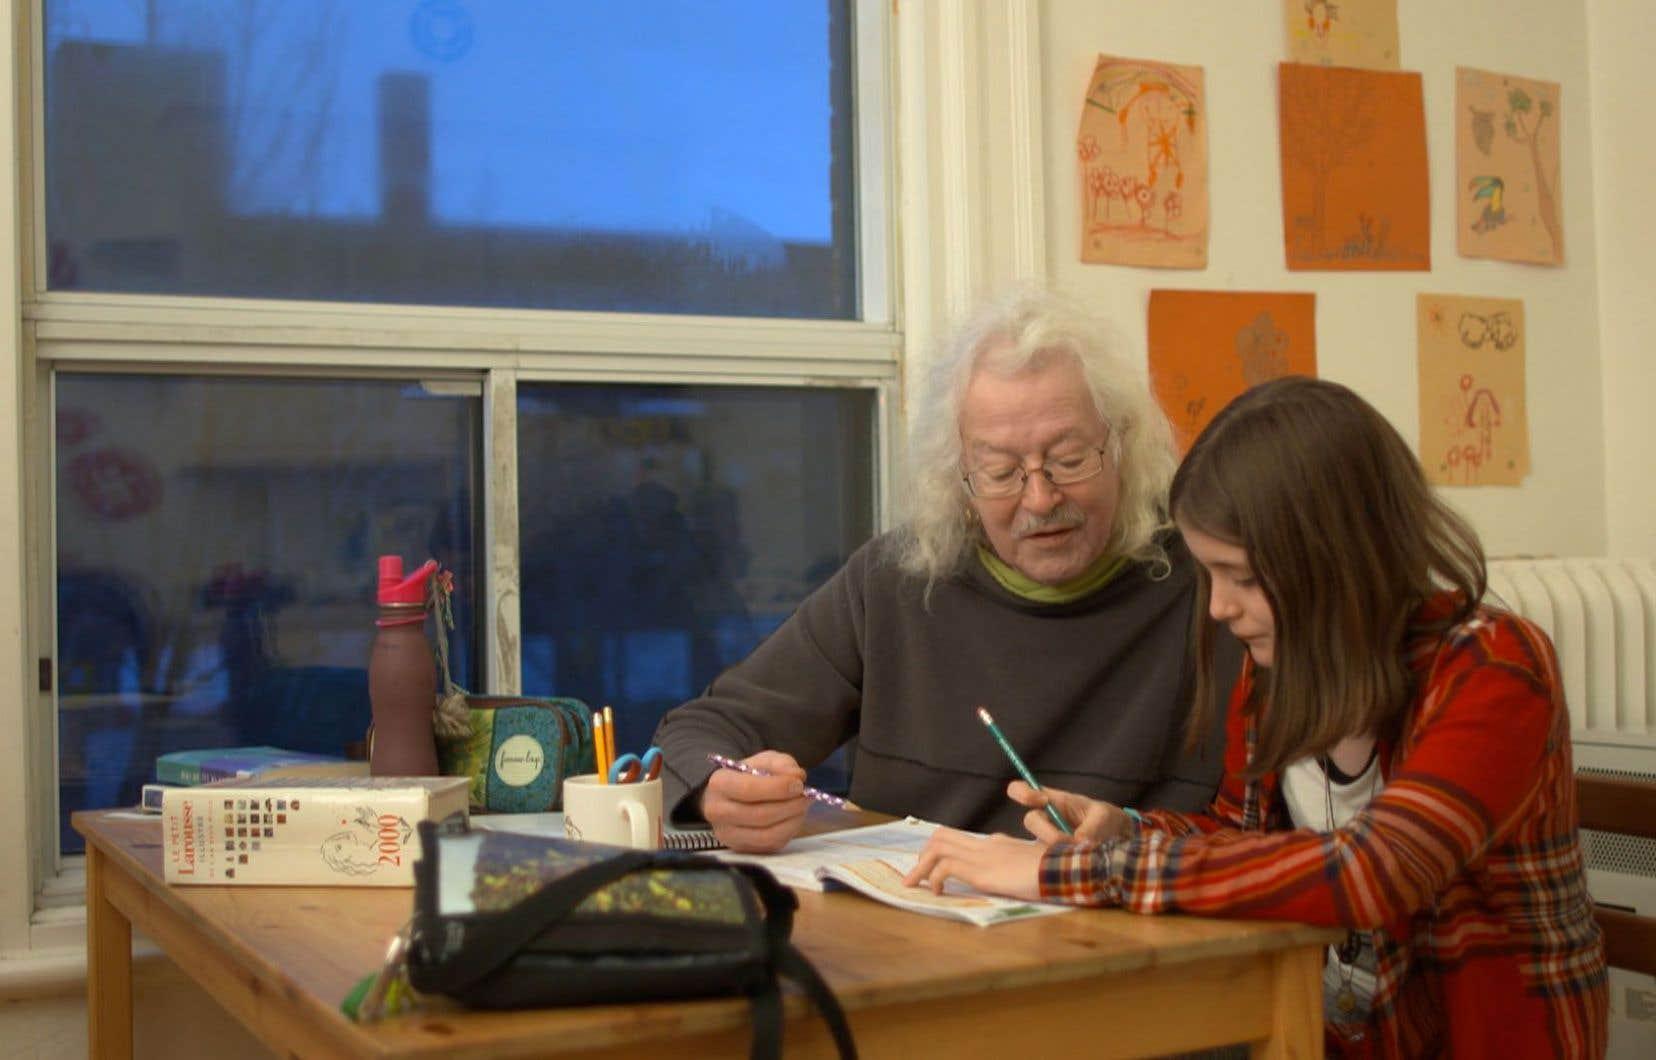 L'un des reportages de la nouvelle émission portera sur l'aide aux devoirs apportée par les grands-parents